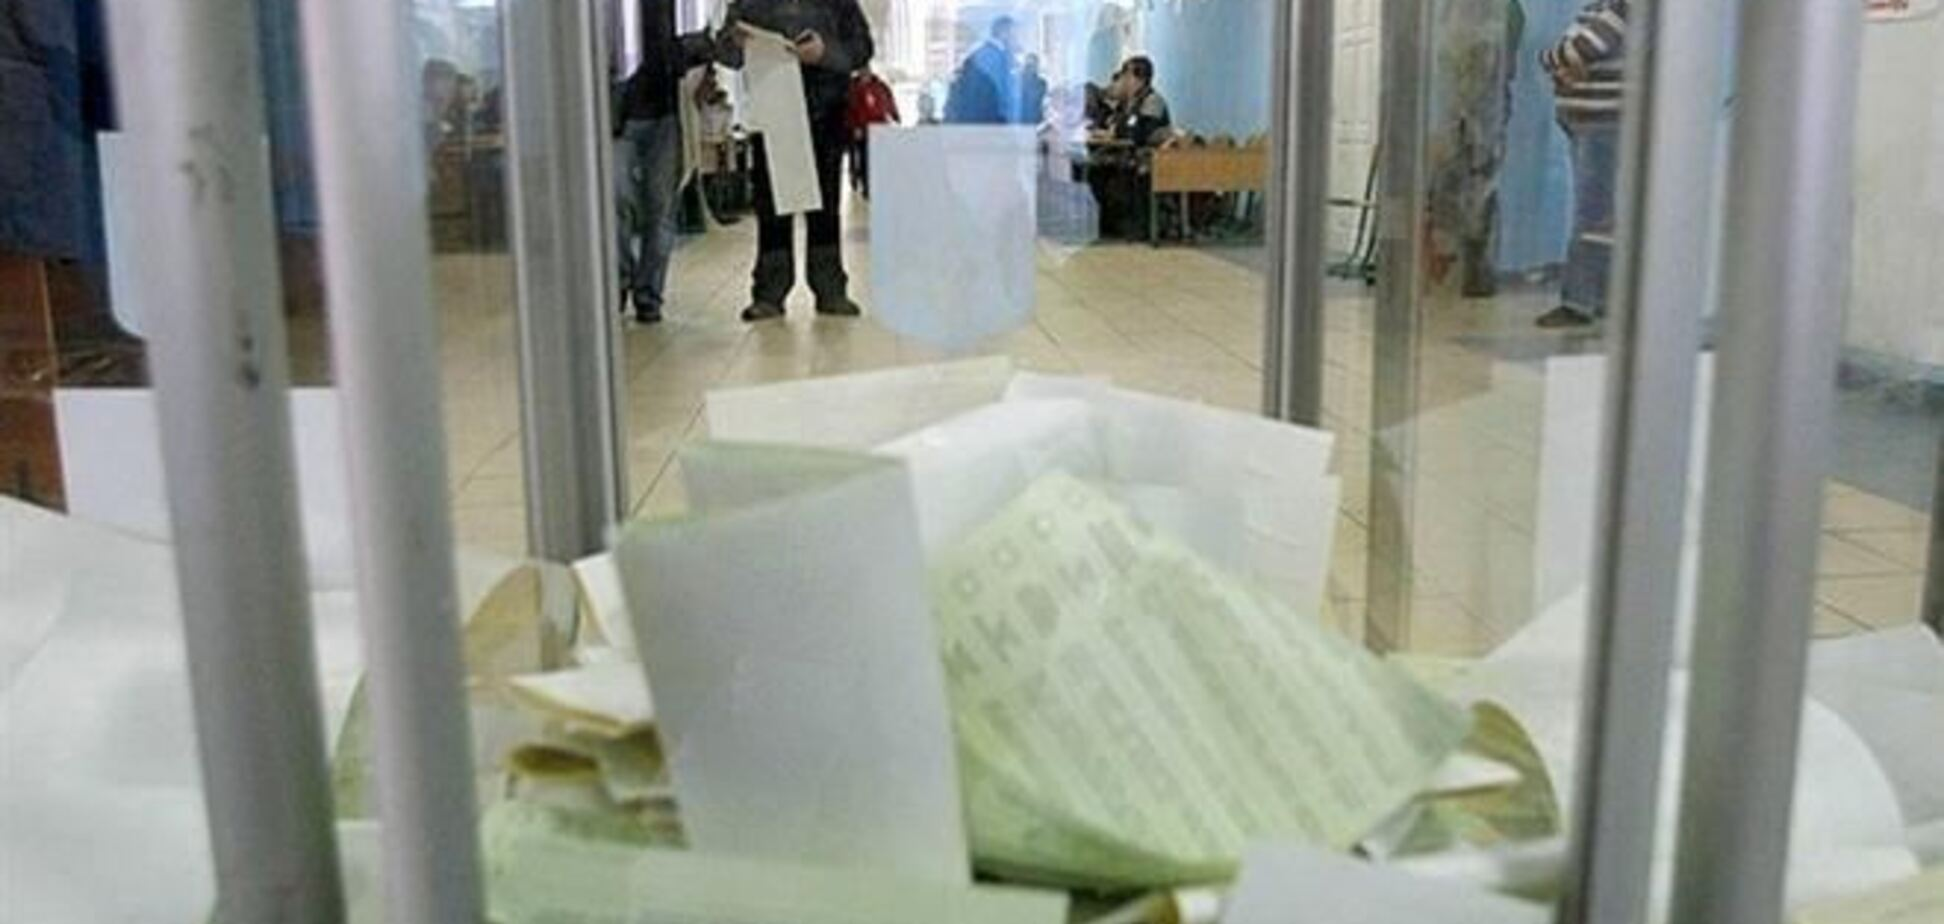 Офіційні результати довиборів до Ради опублікують 28 грудня - глава ЦВК